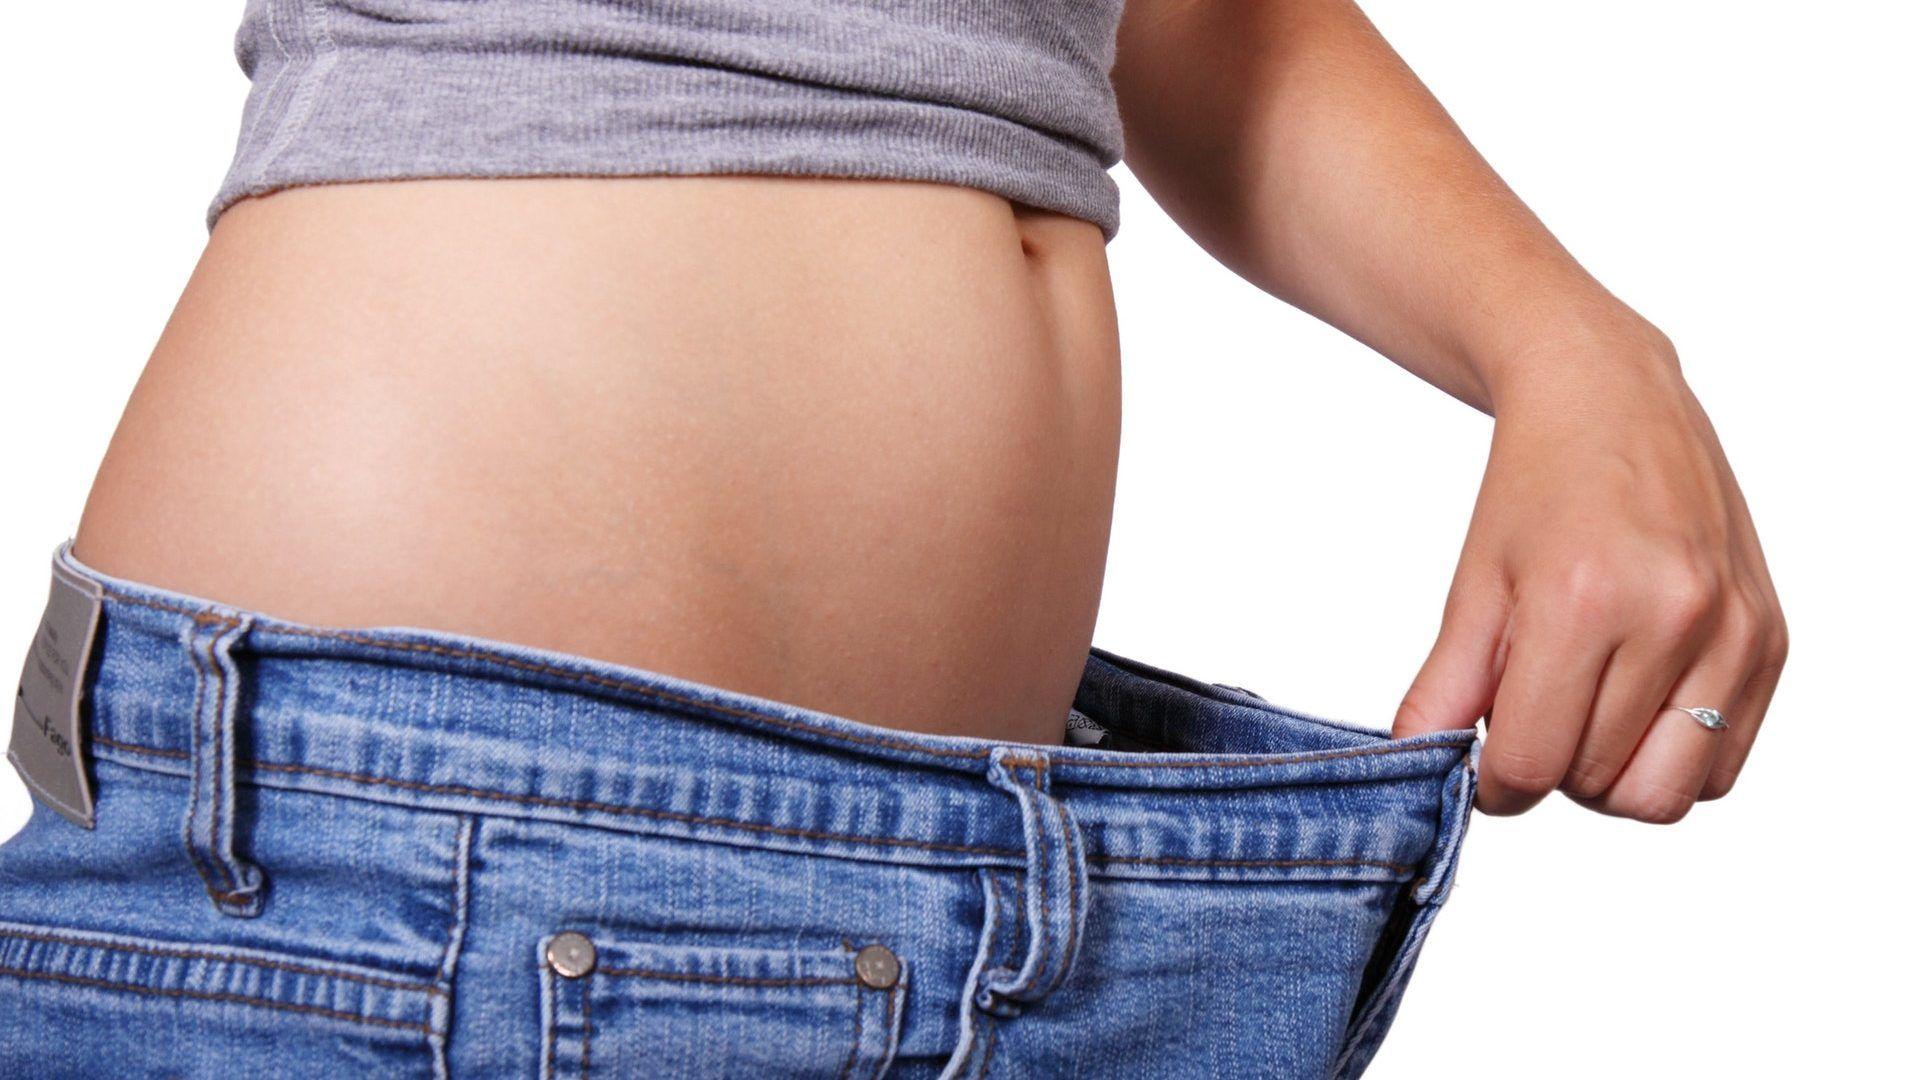 súlyok felhasználásával fogyni 23 éves nő fogyás